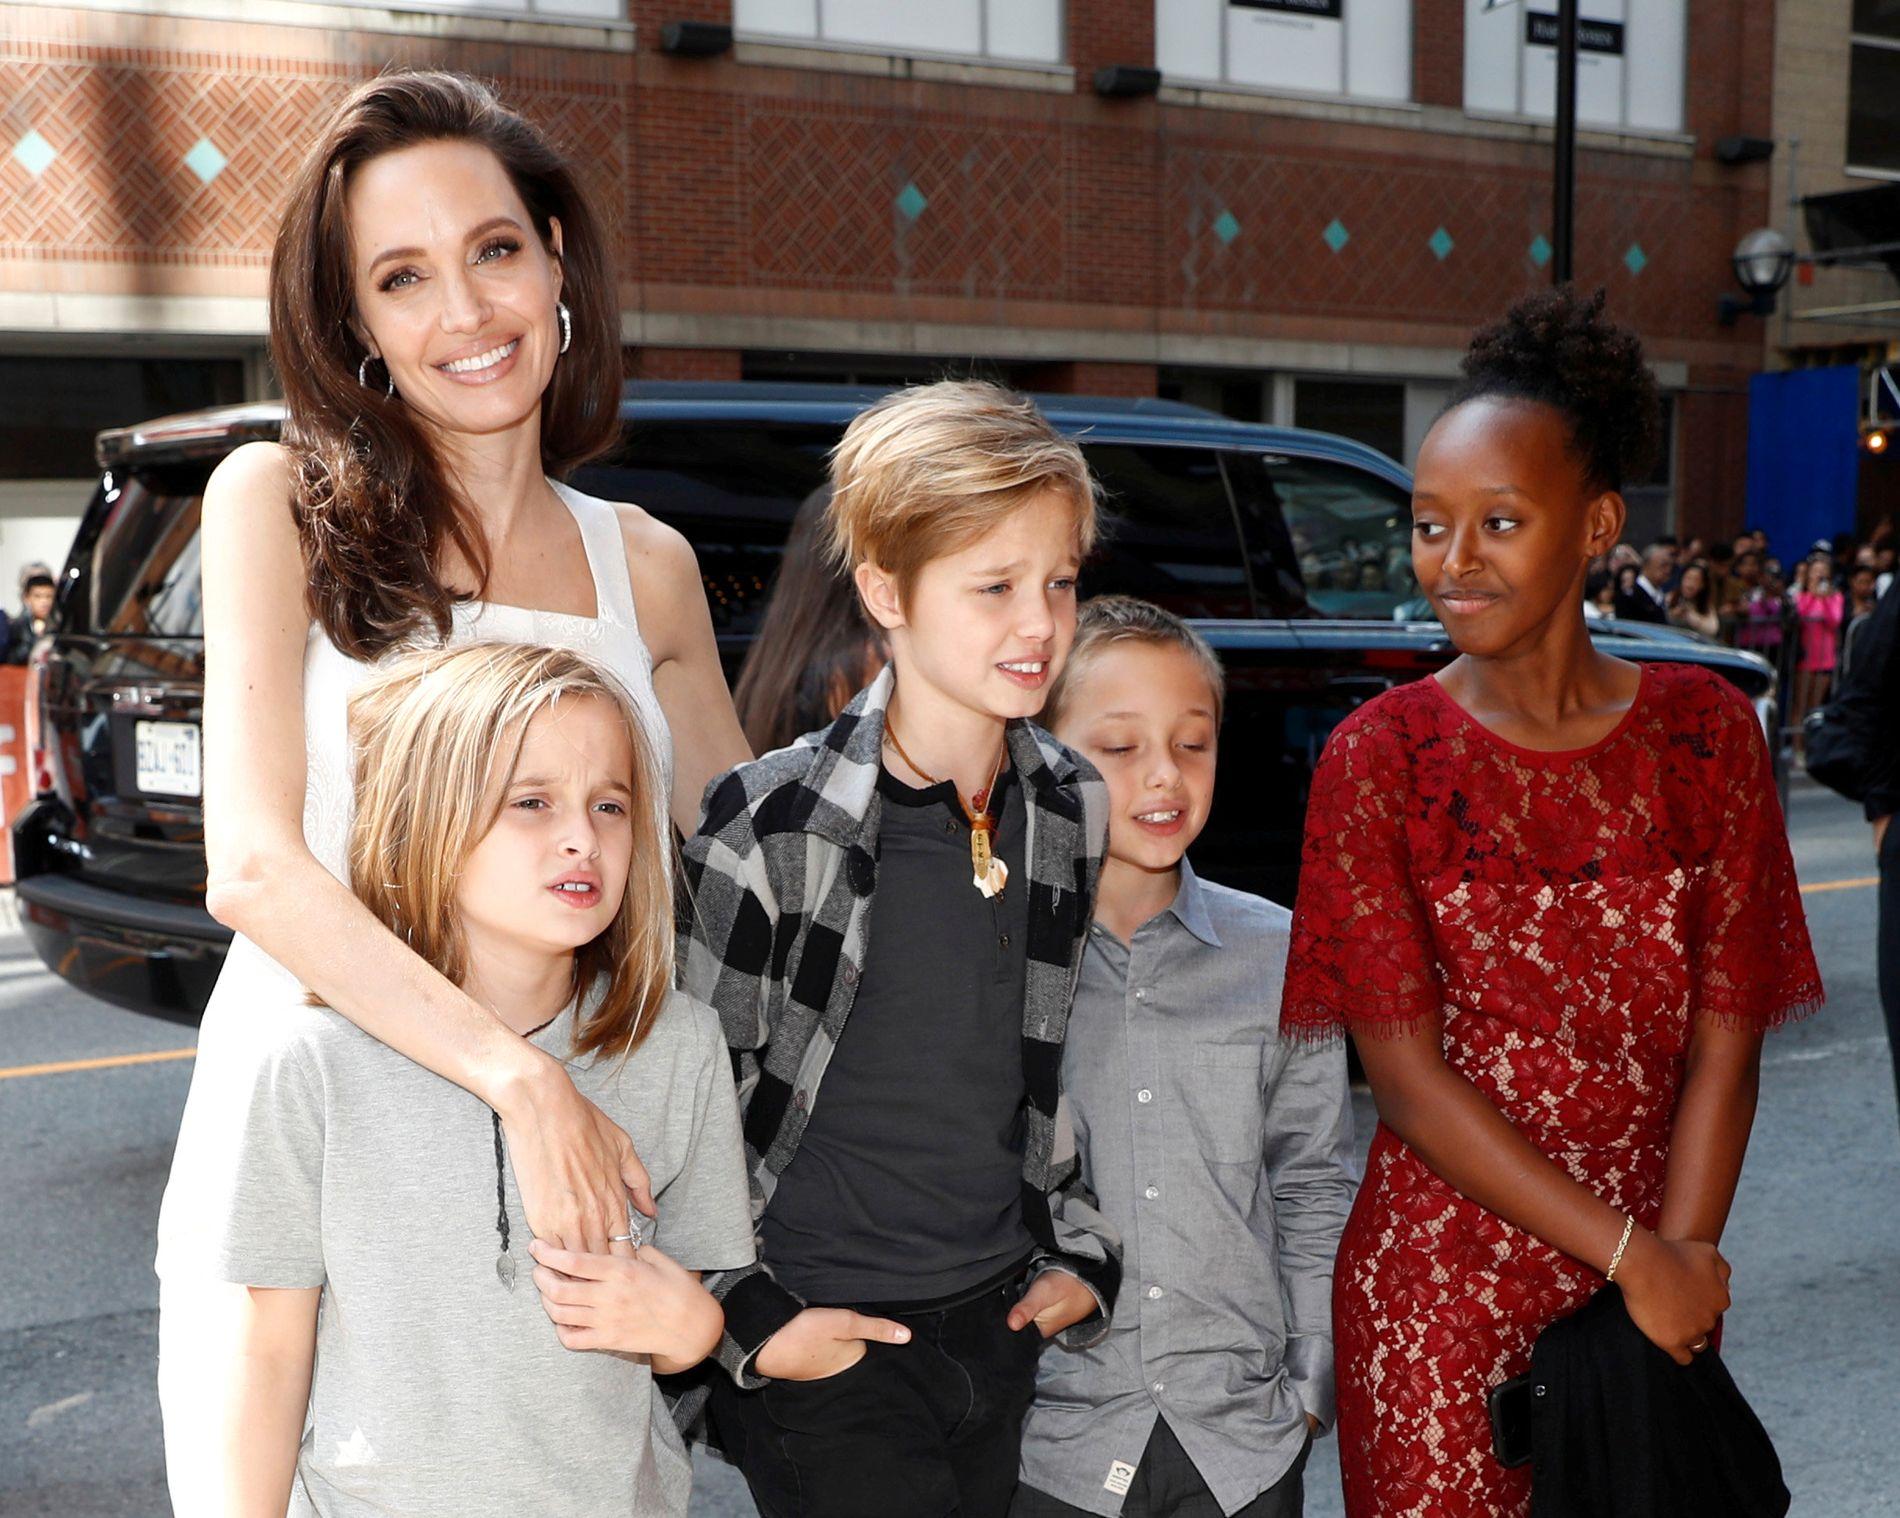 OPPRIVENDE SKILSMISSE: Angelina Jolie sammen med fire av barna, Vivienne Jolie-Pitt, Shiloh Jolie-Pitt, Knox Leon Jolie-Pitt, og Zahara Jolie-Pitt i et arkivbilde fra i fjor sommer.